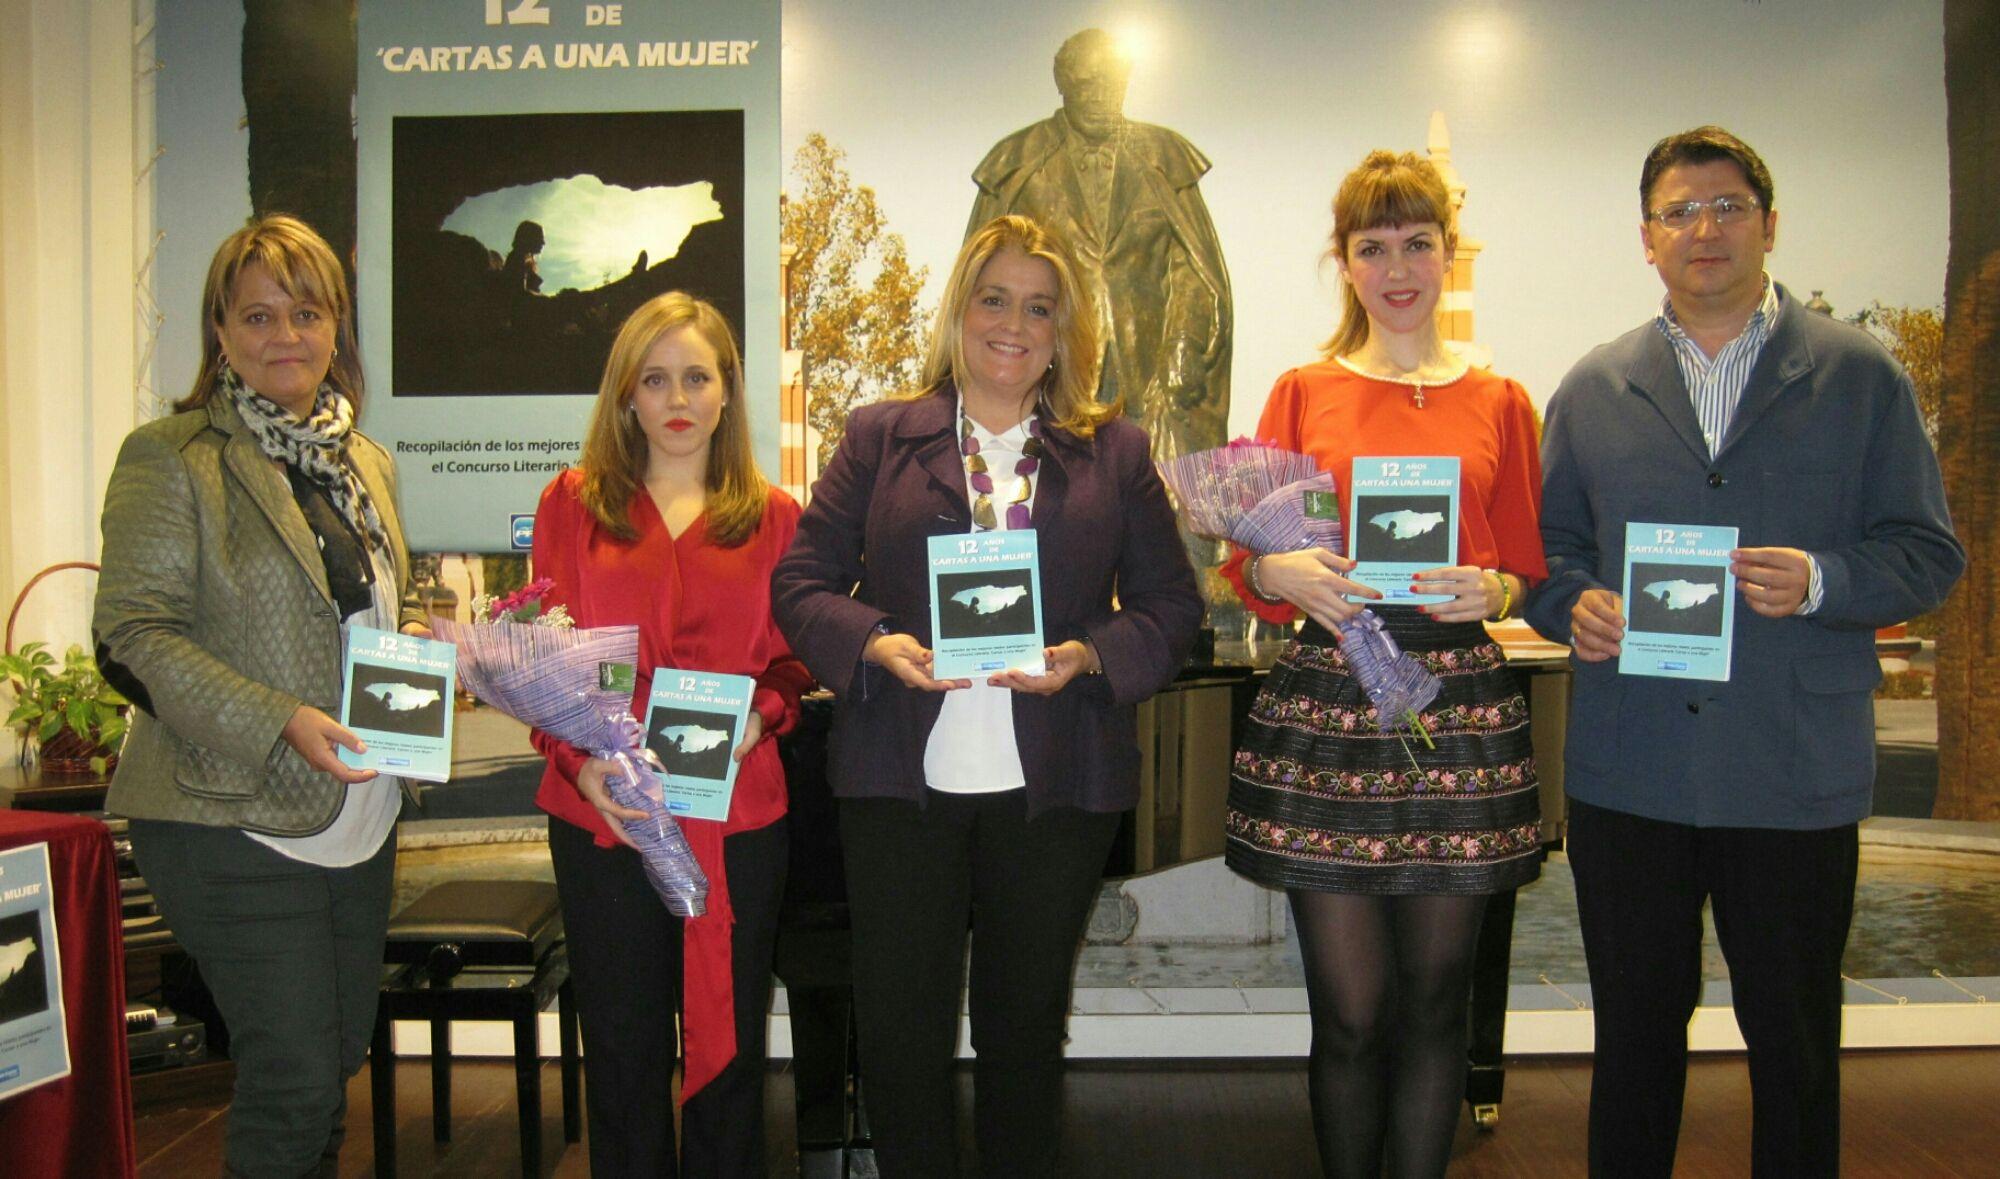 El Partido Popular de Linares presenta un libro recopilatorio de relatos del concurso contra la Violencia de Género 'Cartas a una Mujer'